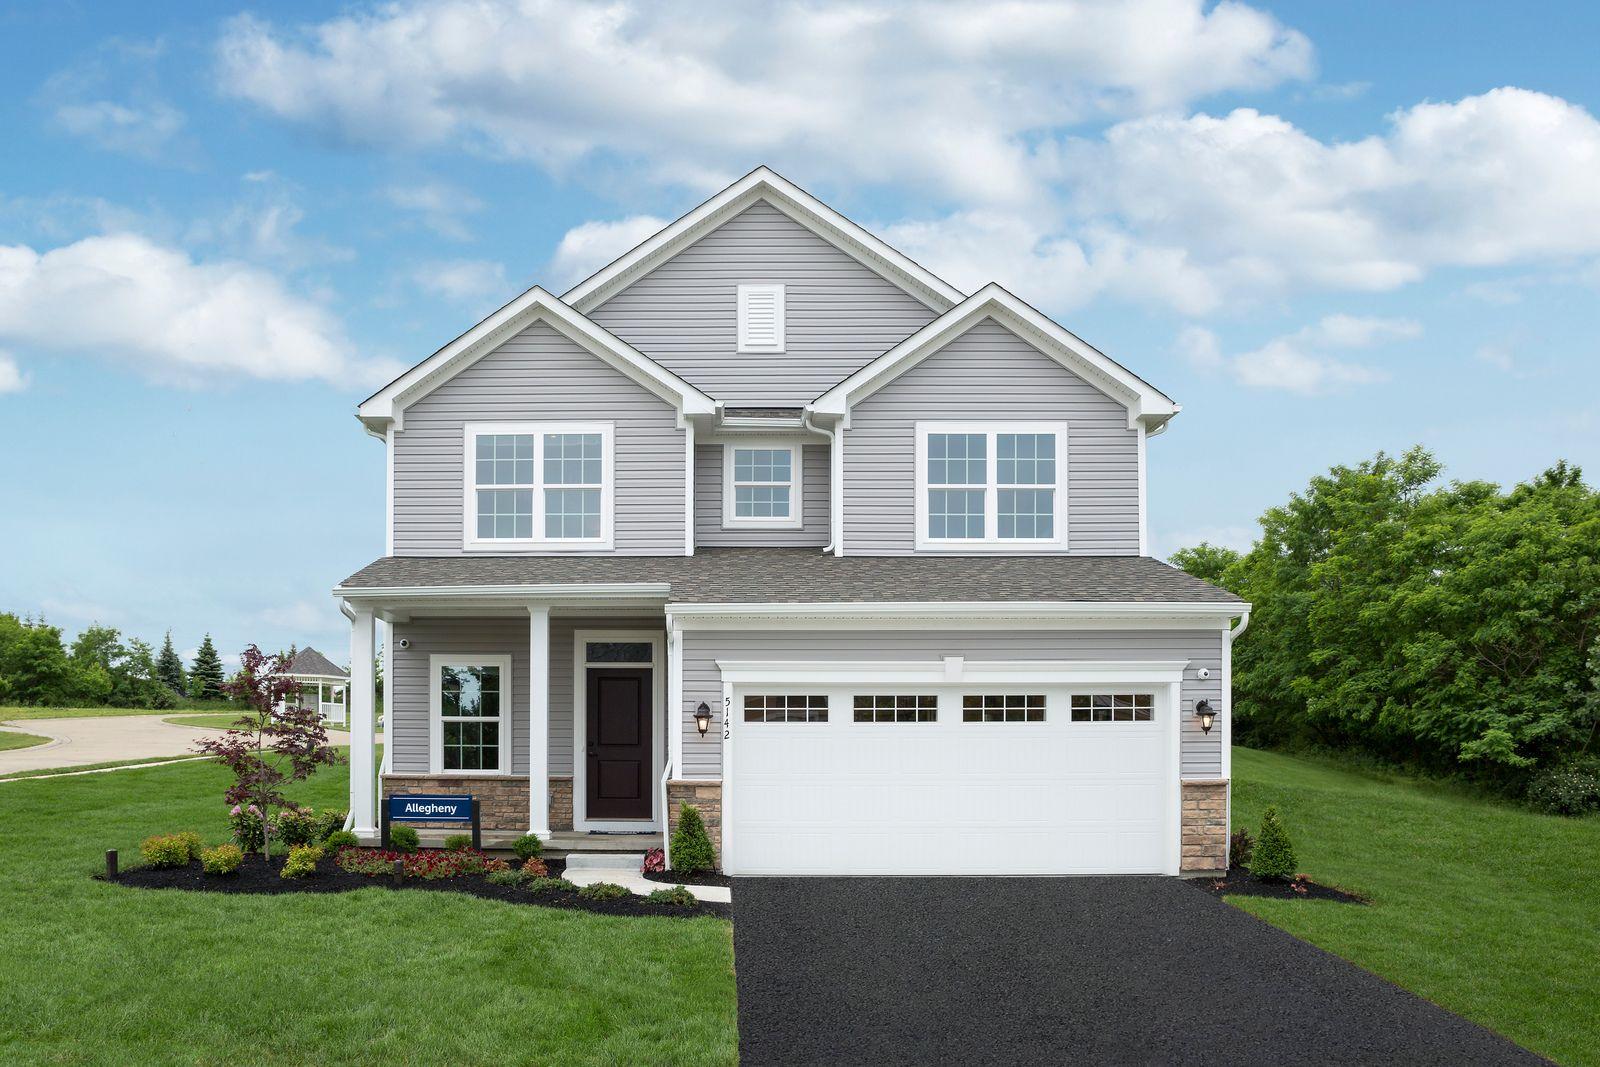 1 Homesite Left in Grove Park - Basement Included!